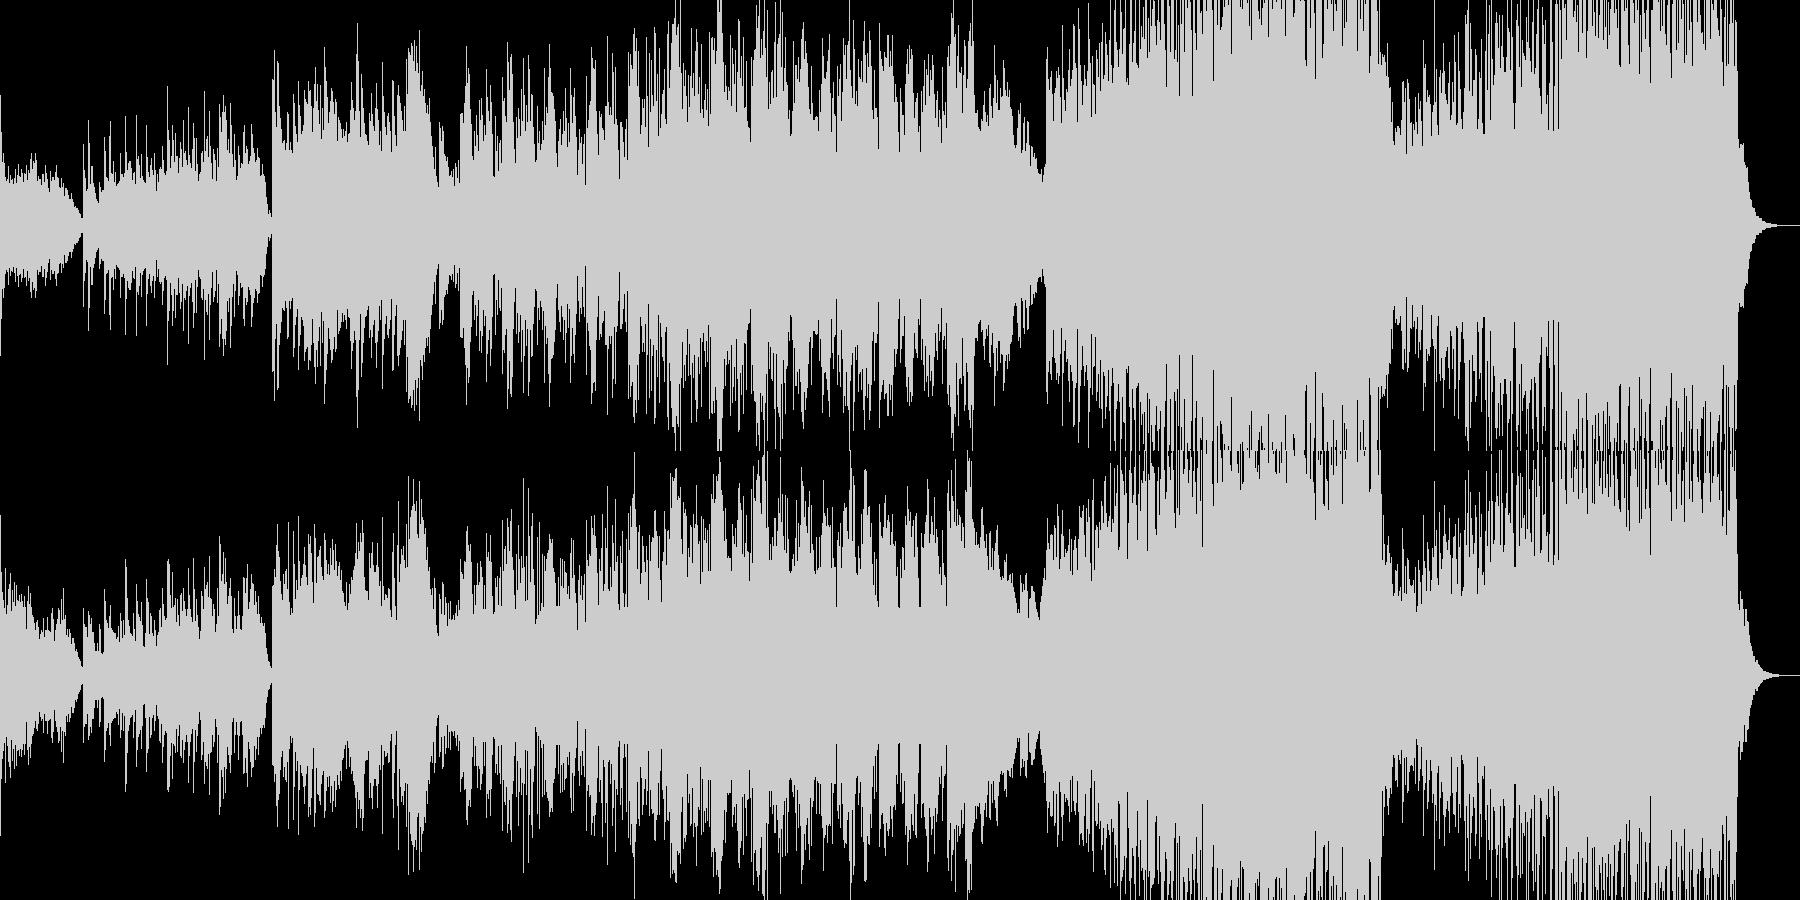 ポップバラード風イージーリスニングの未再生の波形